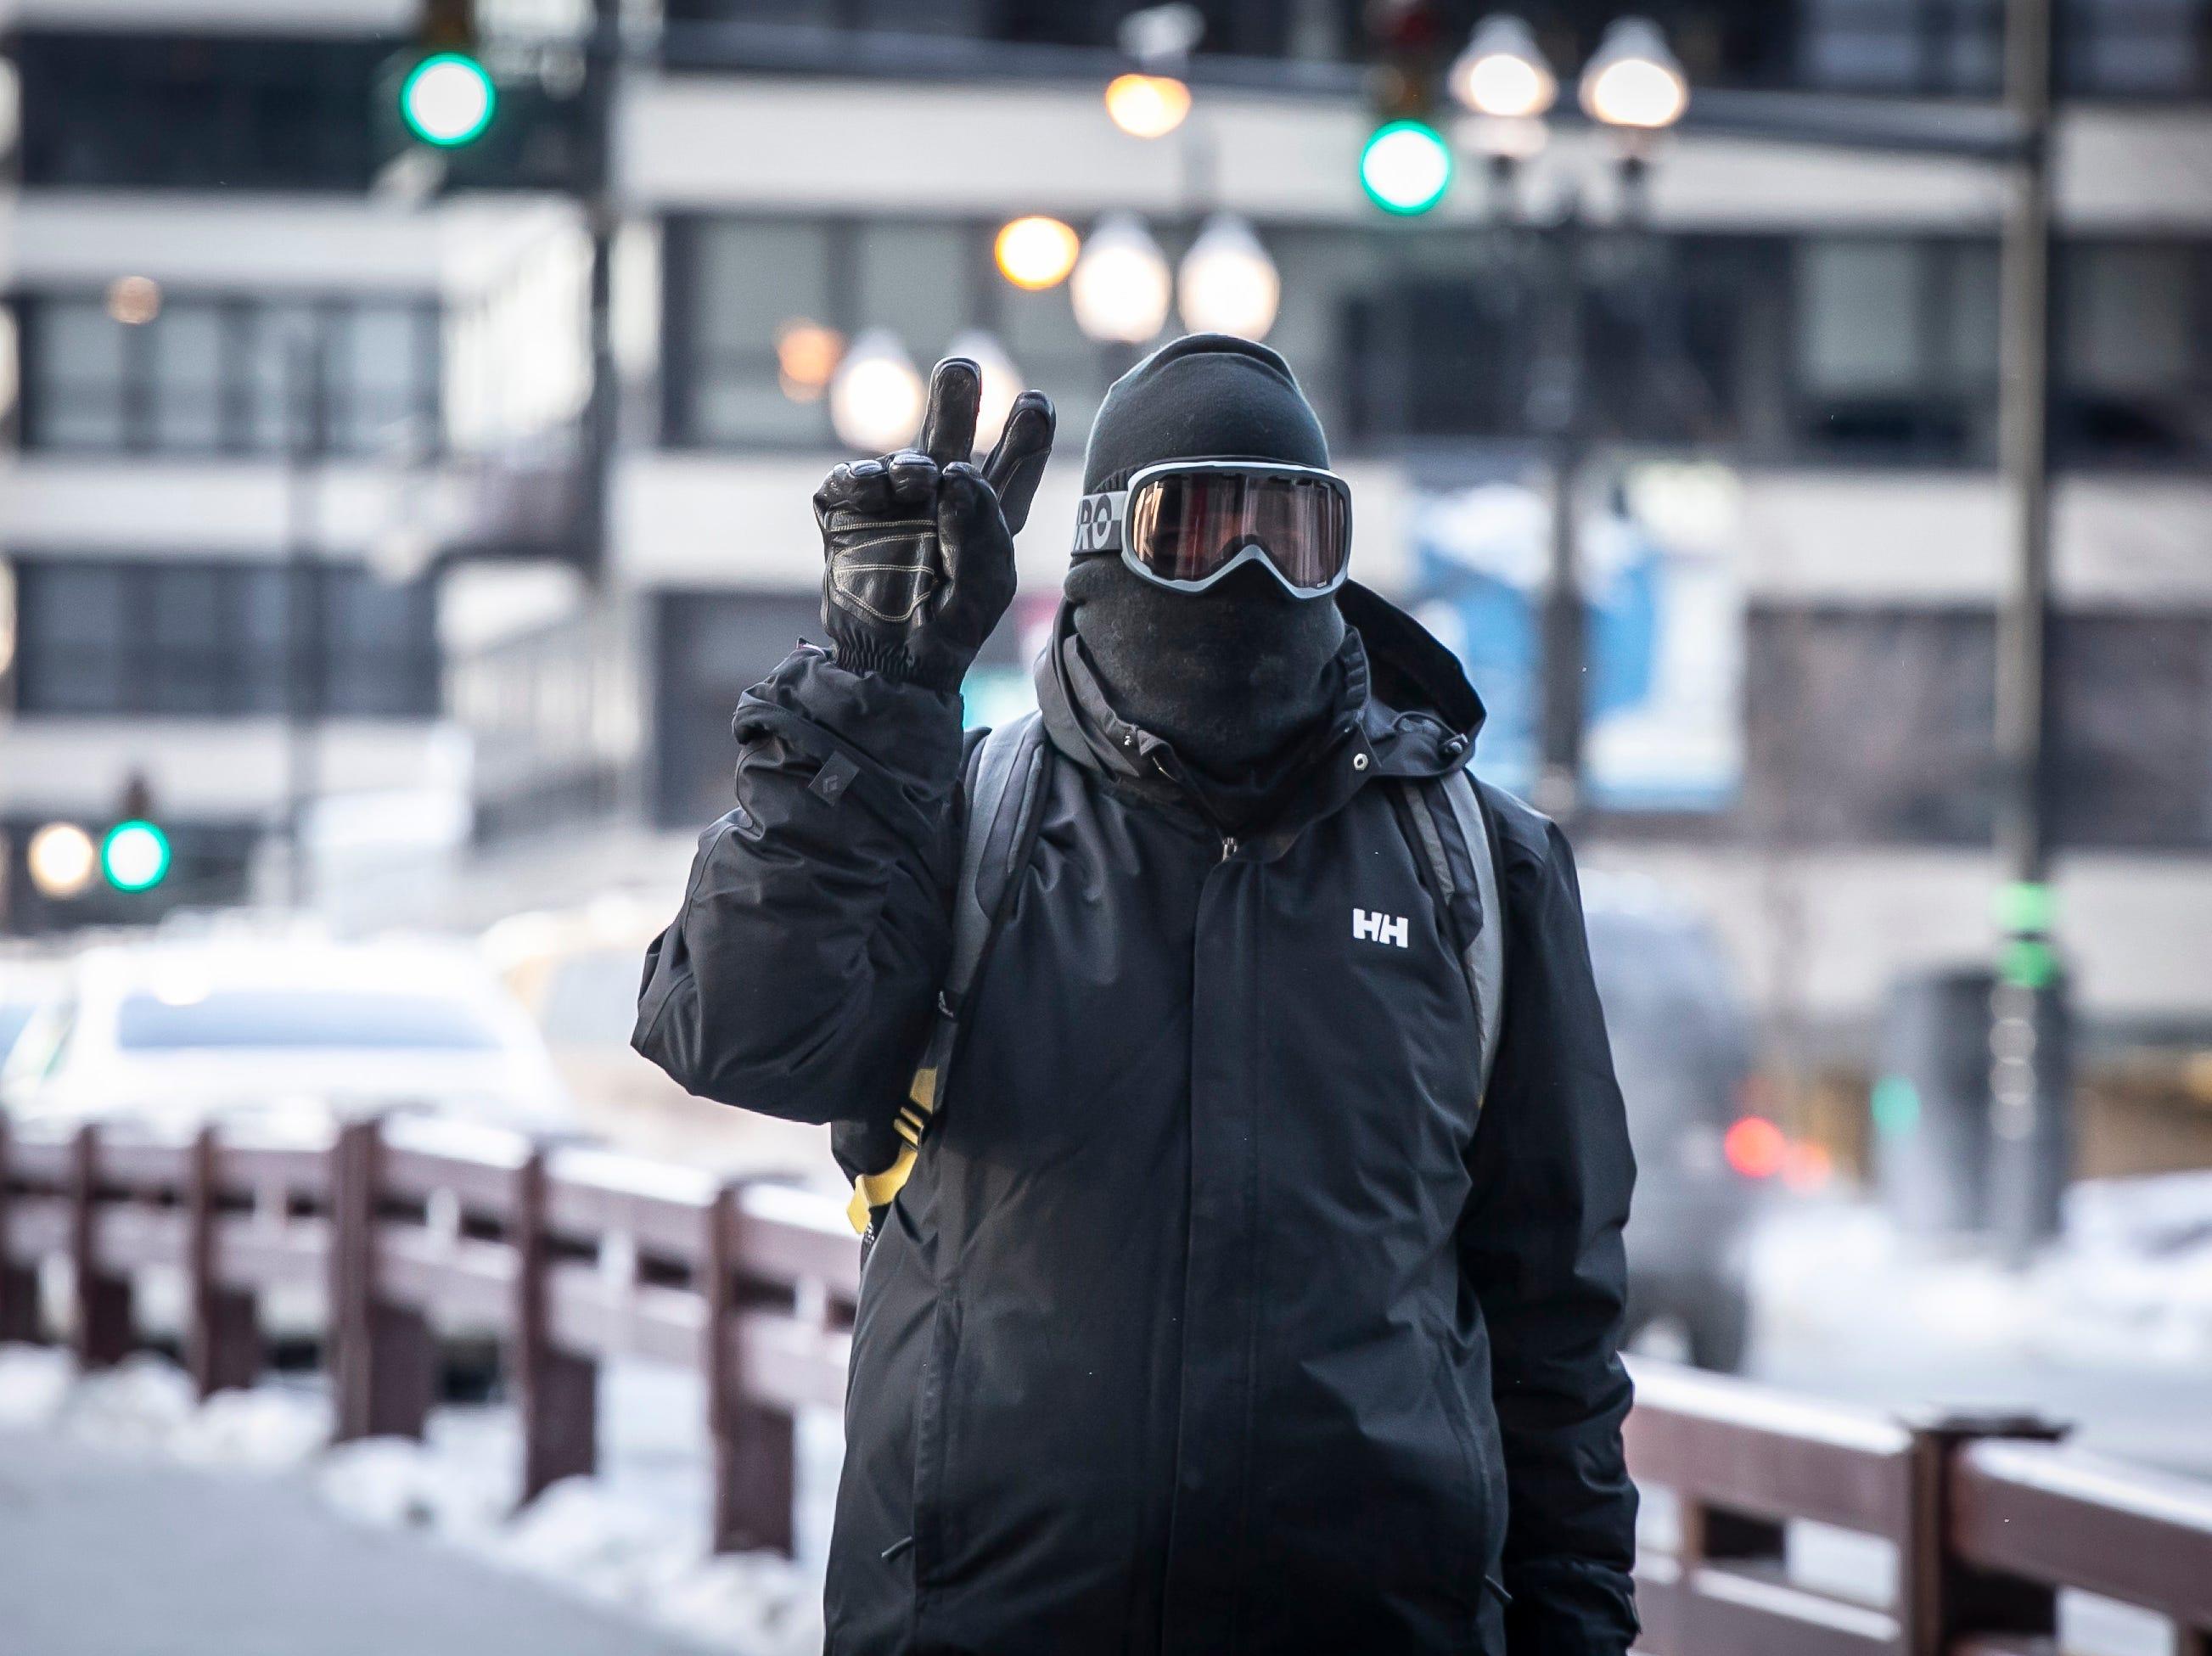 Un hombre se abre paso el miércoles temprano, 30 de enero de 2019 en Chicago.